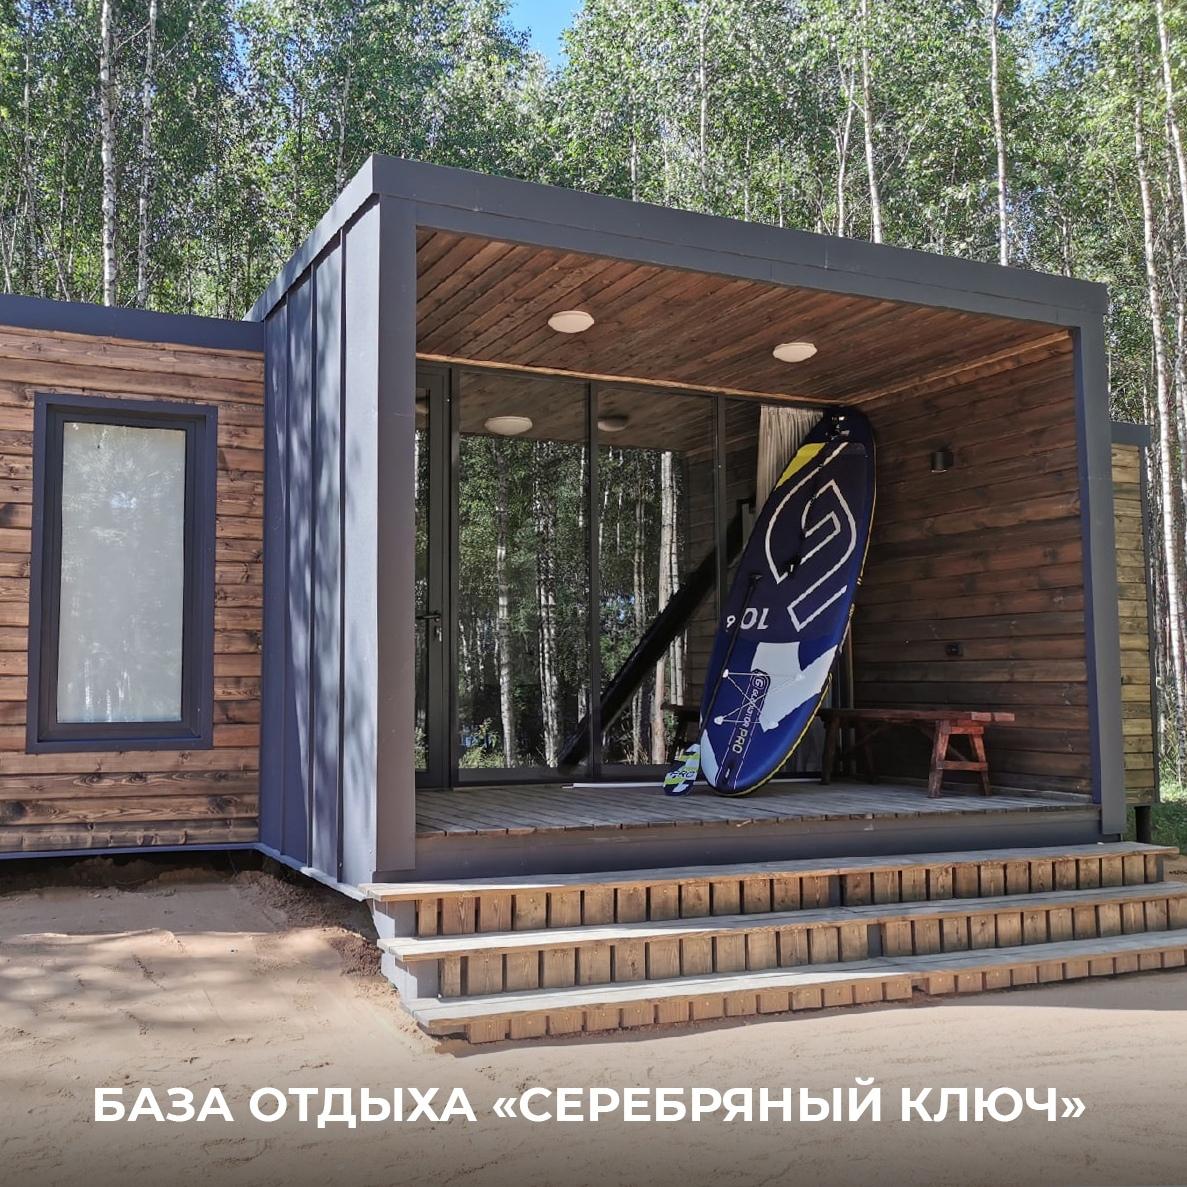 Алексей Островский рассказал о развитии туристской инфраструктуры региона